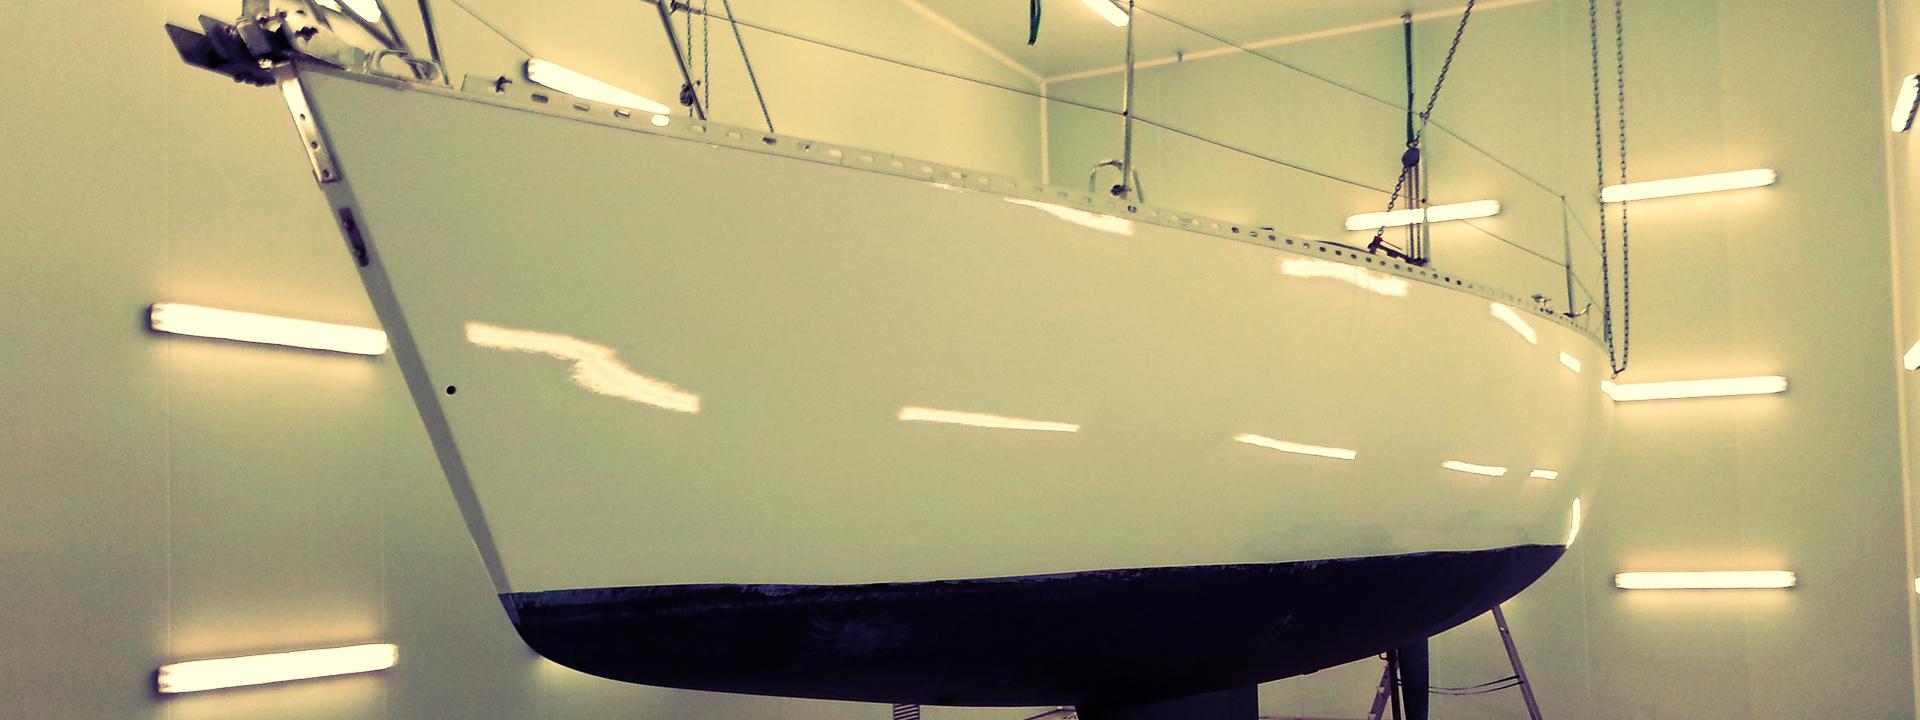 bateau-voile-peinture_Fotor